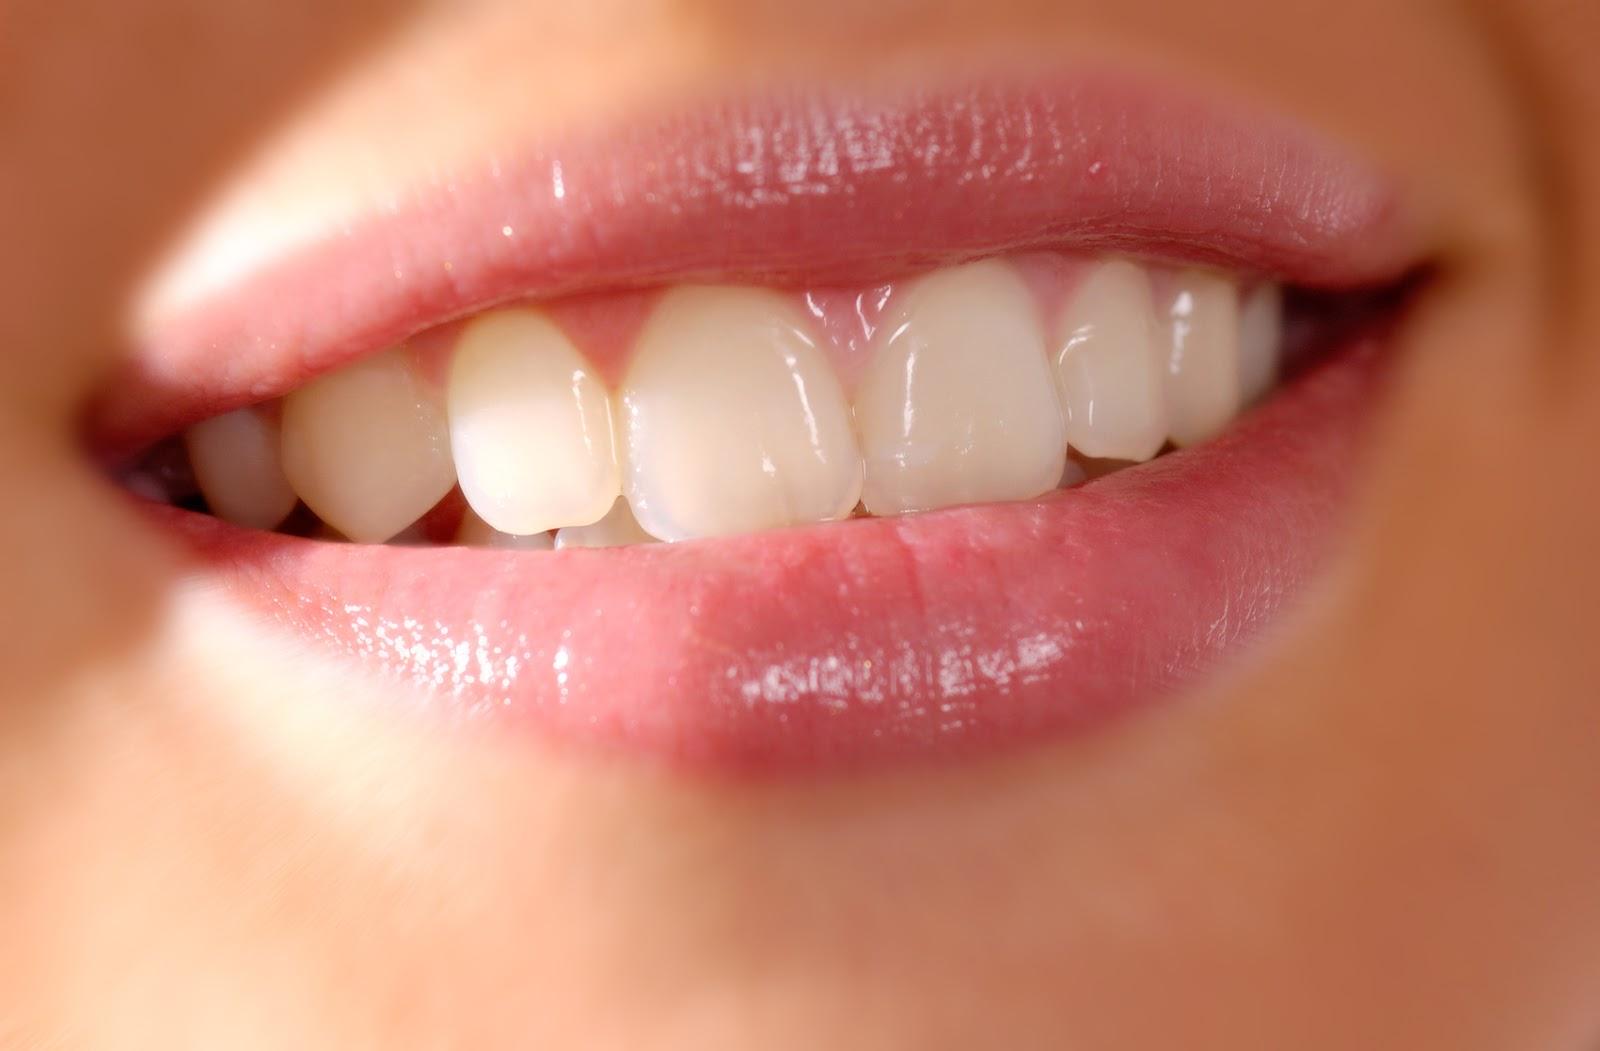 Evde diş ağrısı nasıl kurtulur